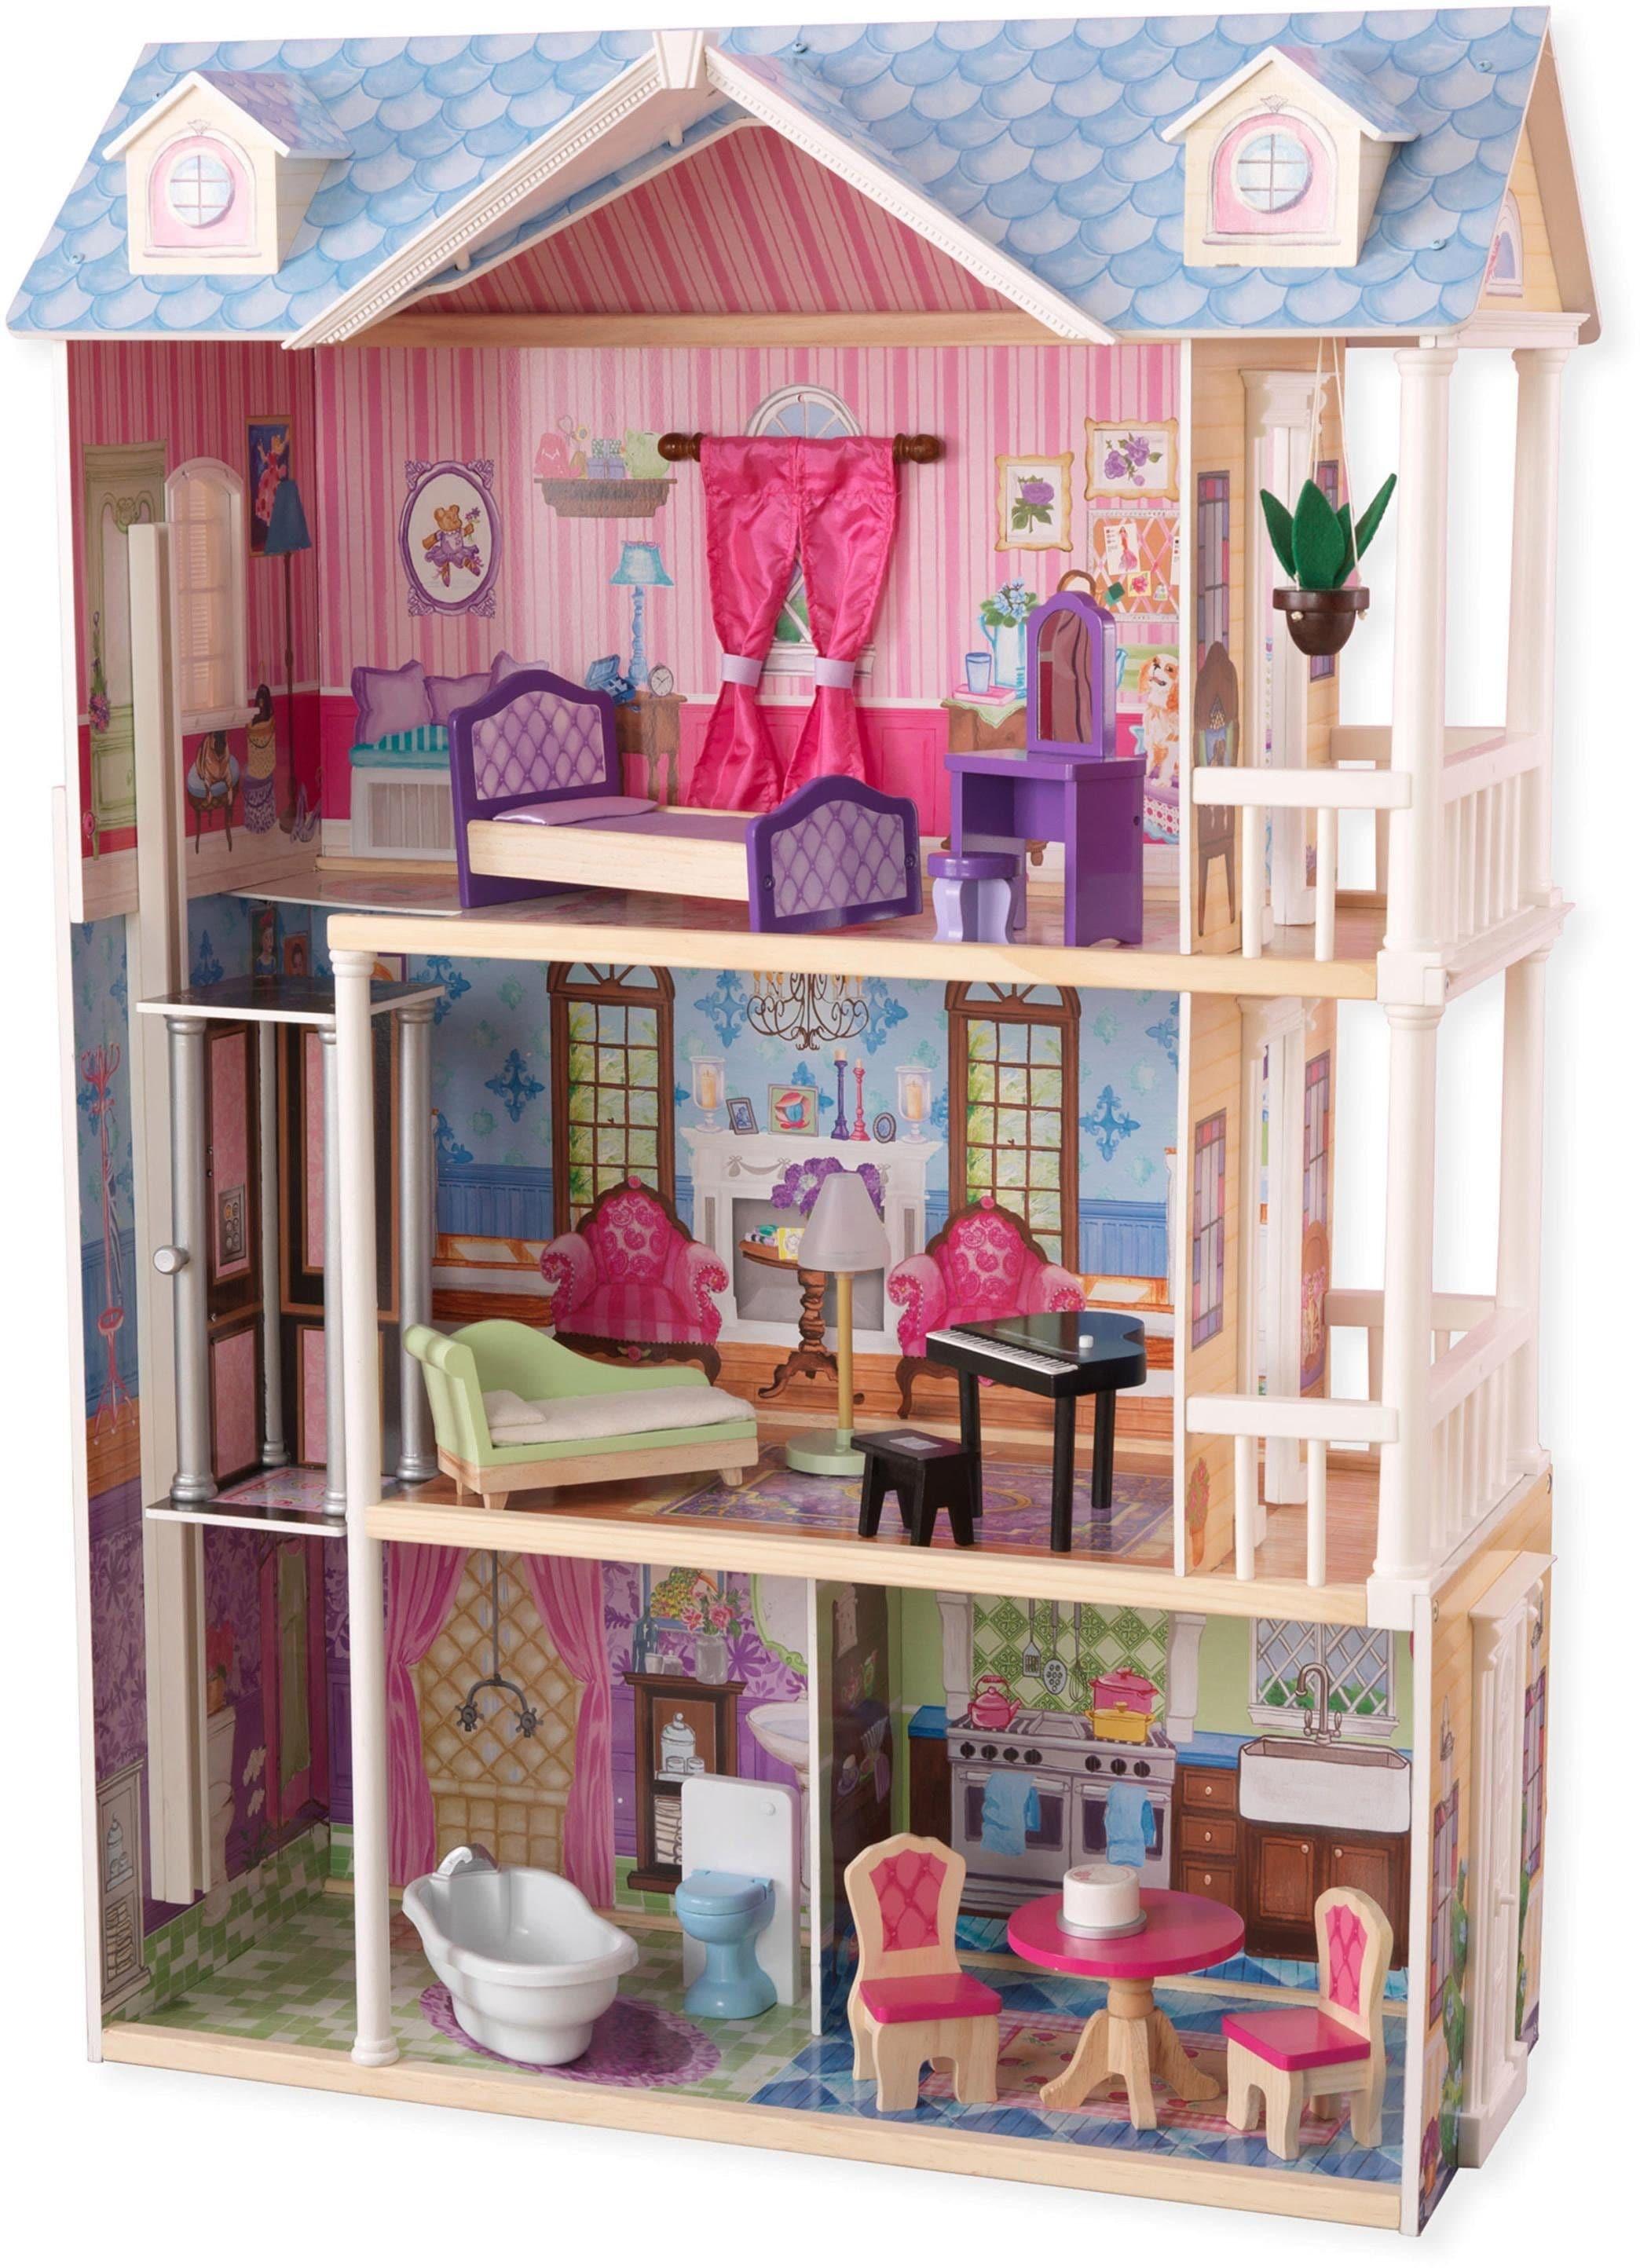 """KidKraft Puppenhaus """"Mein traumhaftes Puppenhaus"""" Technik & Freizeit/Spielzeug/Puppen/Puppenhaus"""